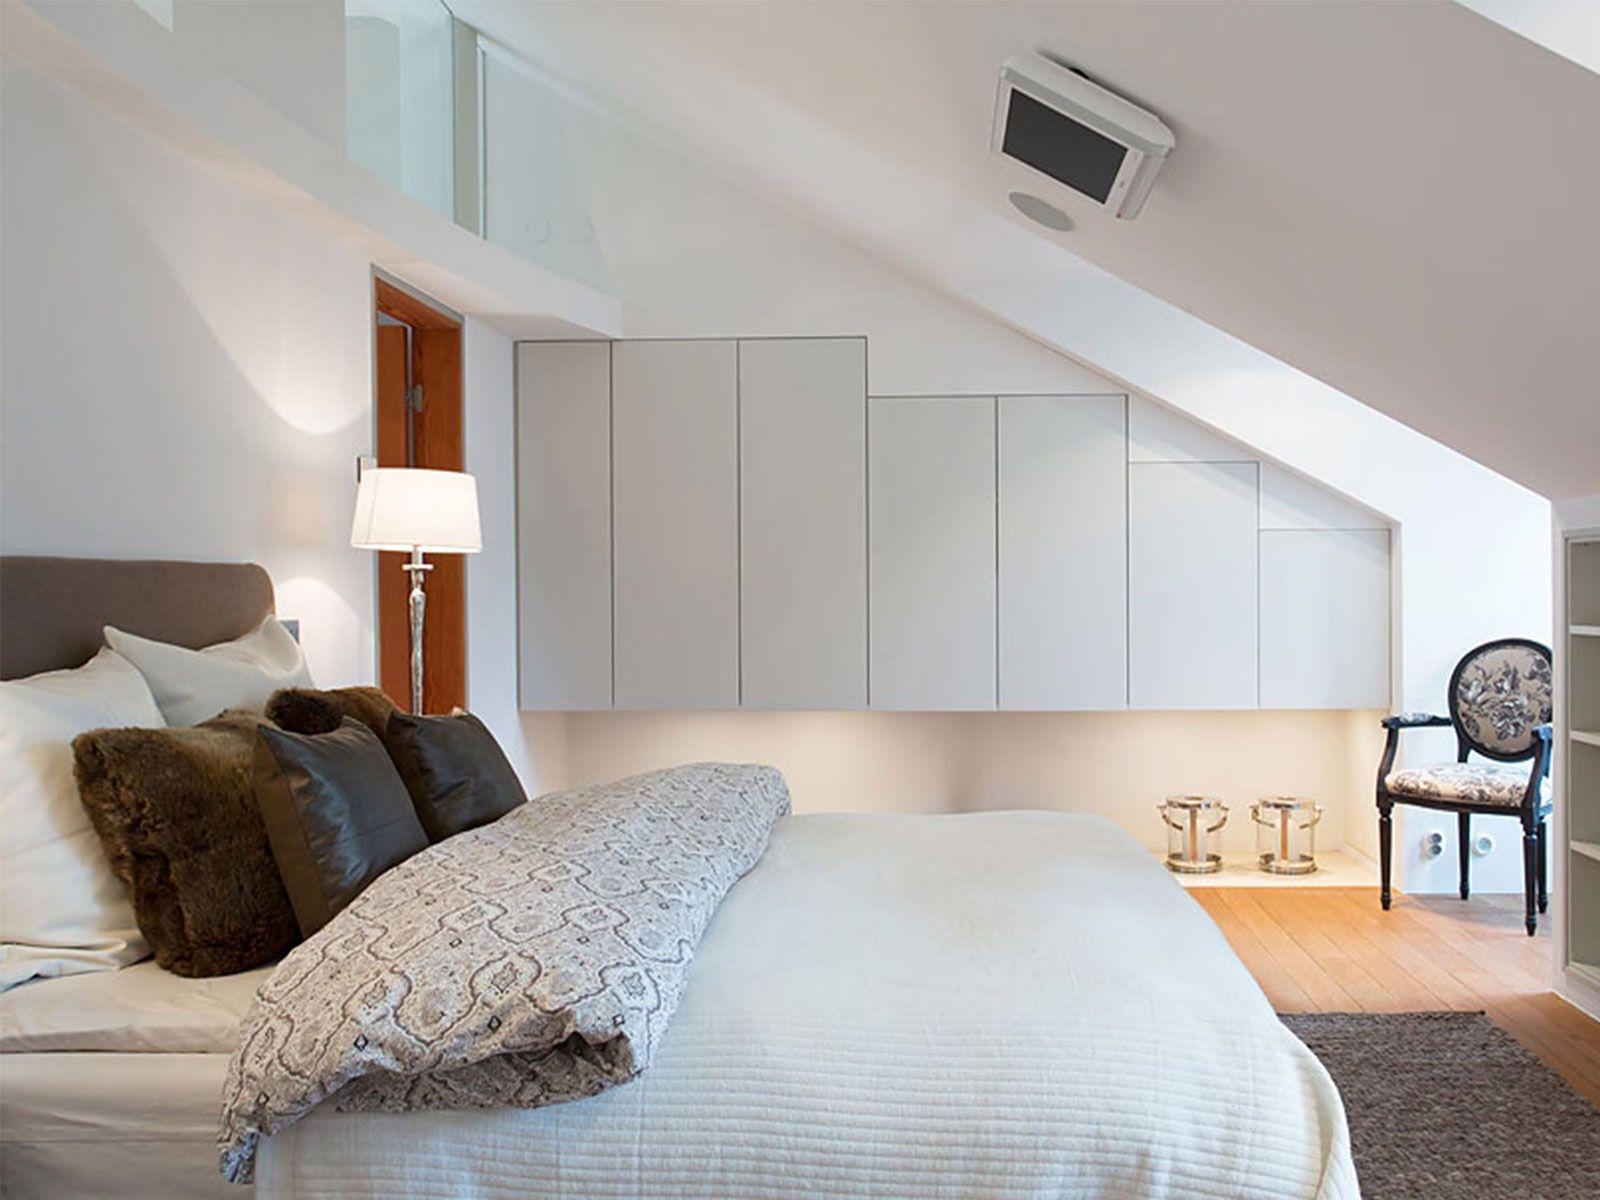 Dachboden Deko Ideen Schlafzimmer Mit Dachschragen Zimmer Design